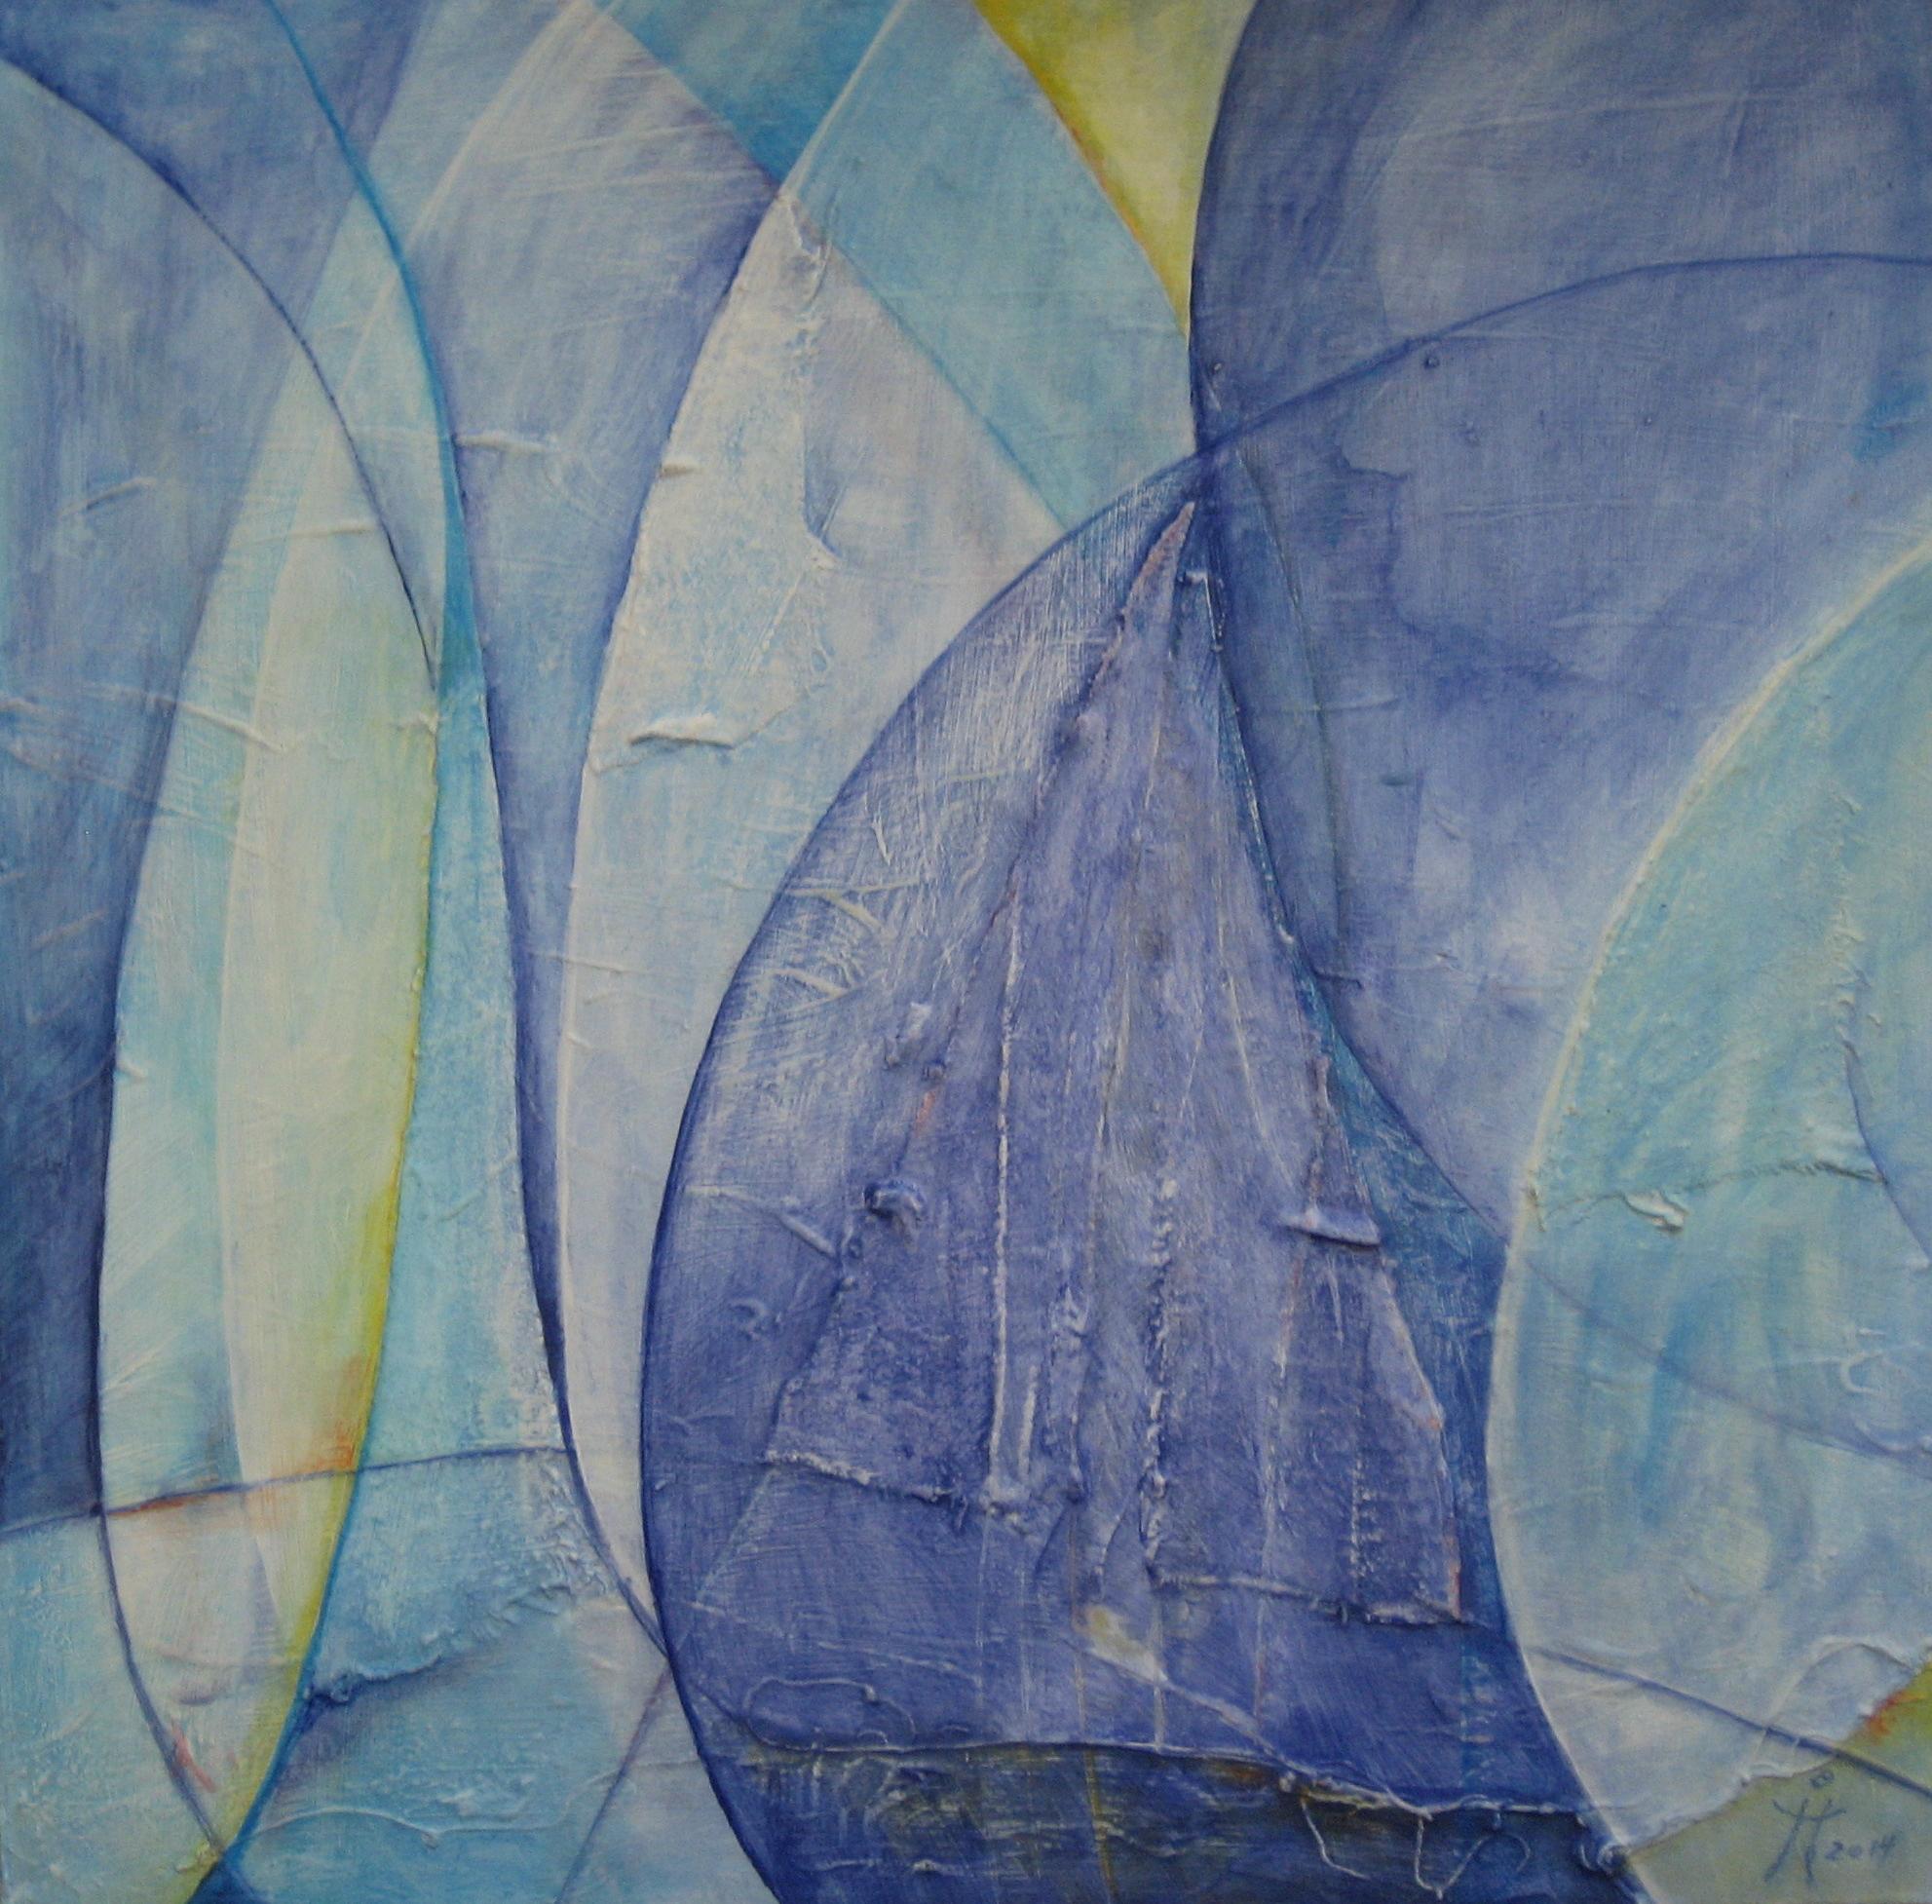 Blaue Segel und Großvater  -  H33  -  50x50cm  -  Acryl auf Hartfaser  -  02.2014